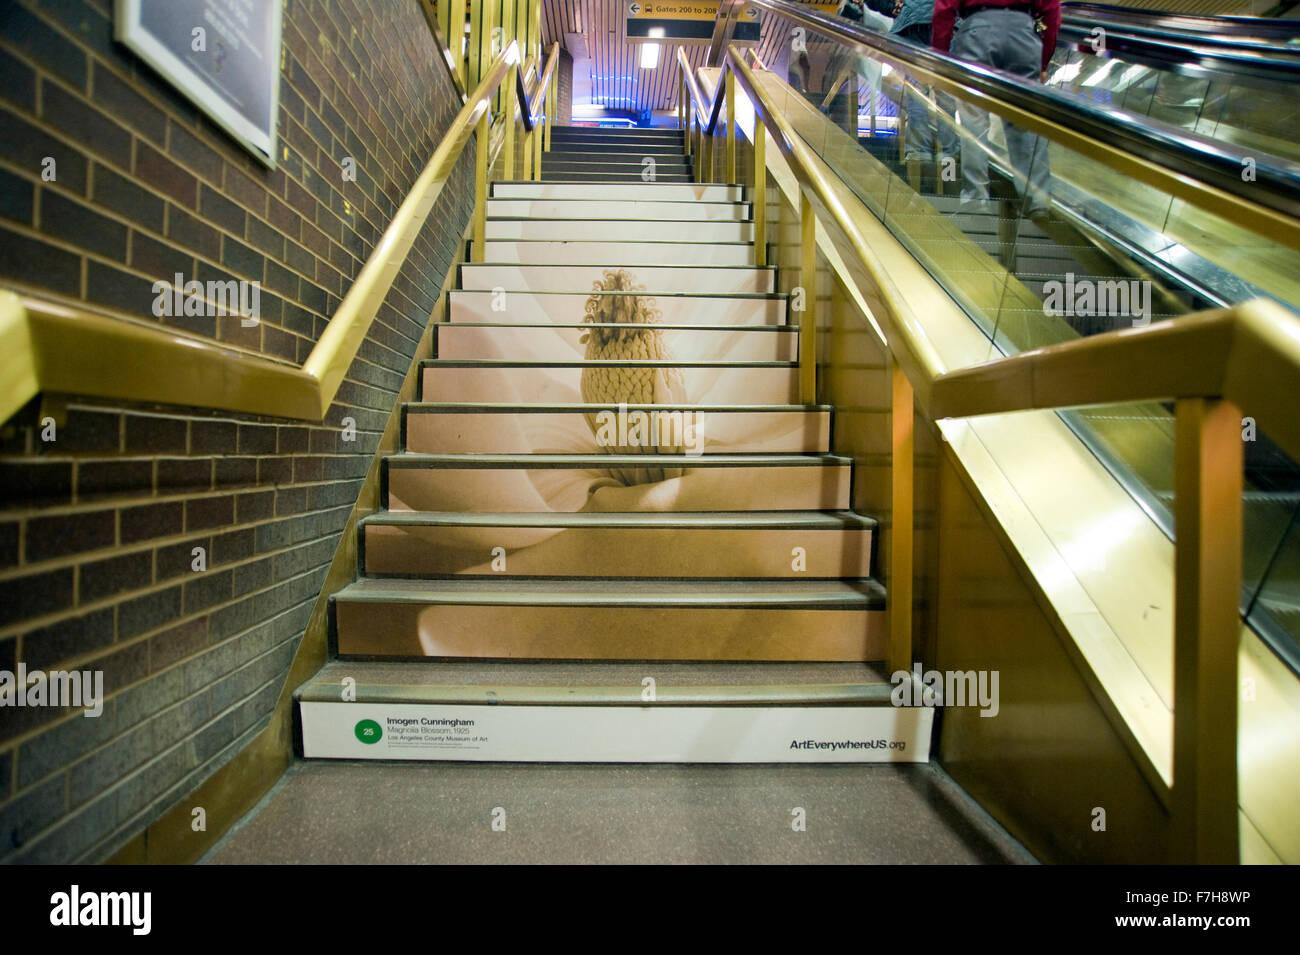 Imogen Cunningham fotografía reproducida en la escalera de la estación de autobuses Port Authority en Manhattan como parte del proyecto de arte por todas partes en Nueva York. Foto de stock